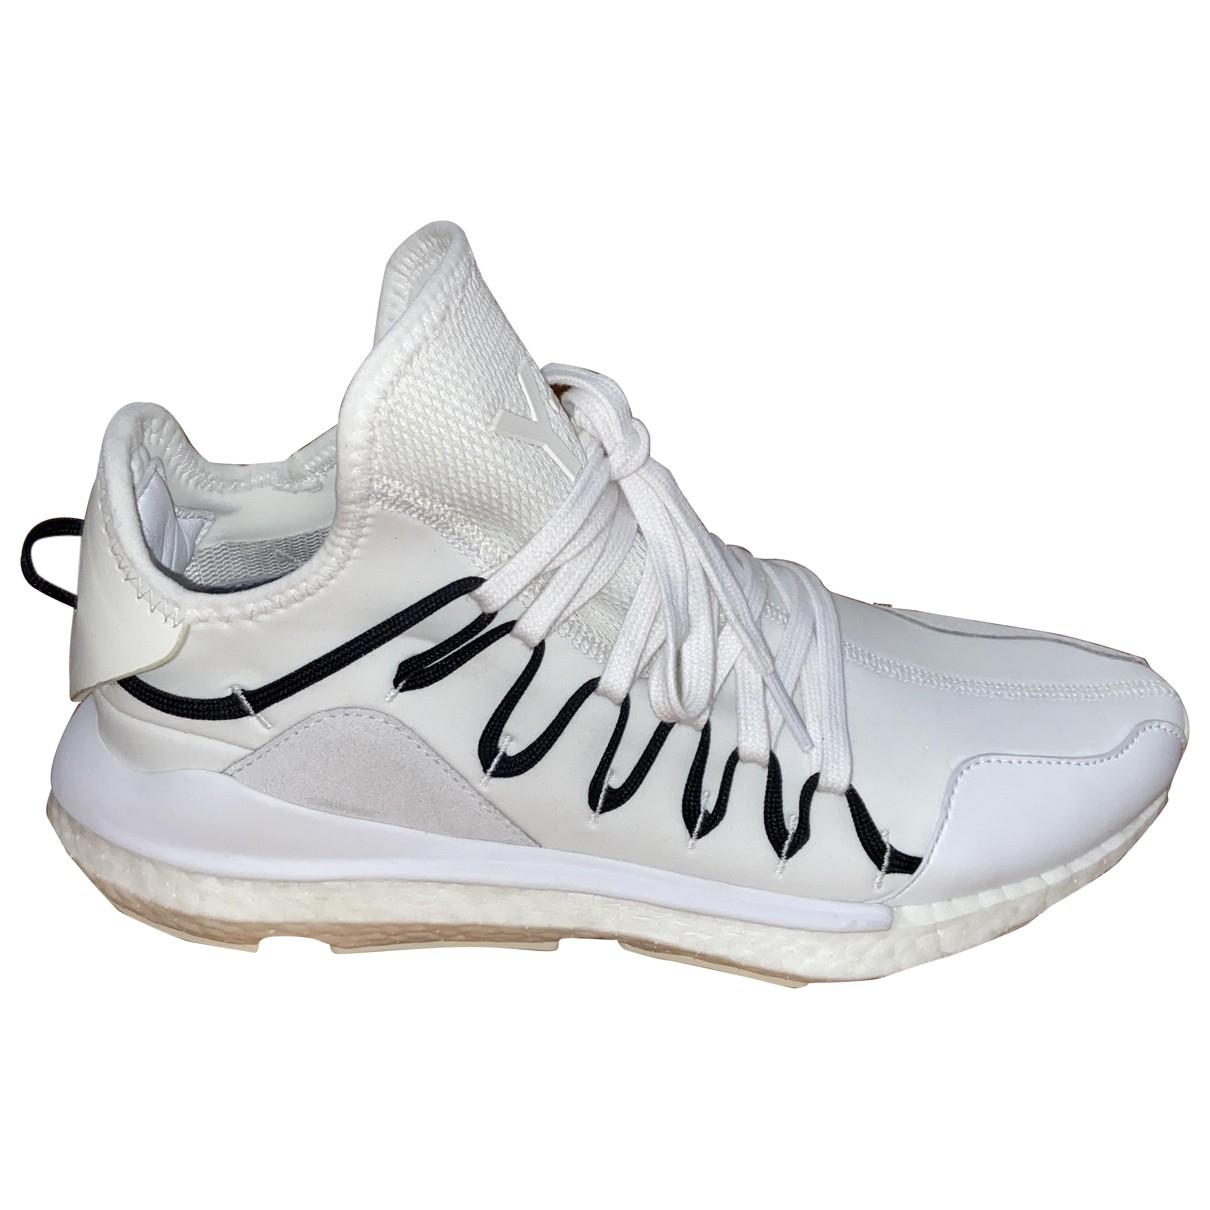 Y-3 - Baskets   pour homme en cuir - blanc